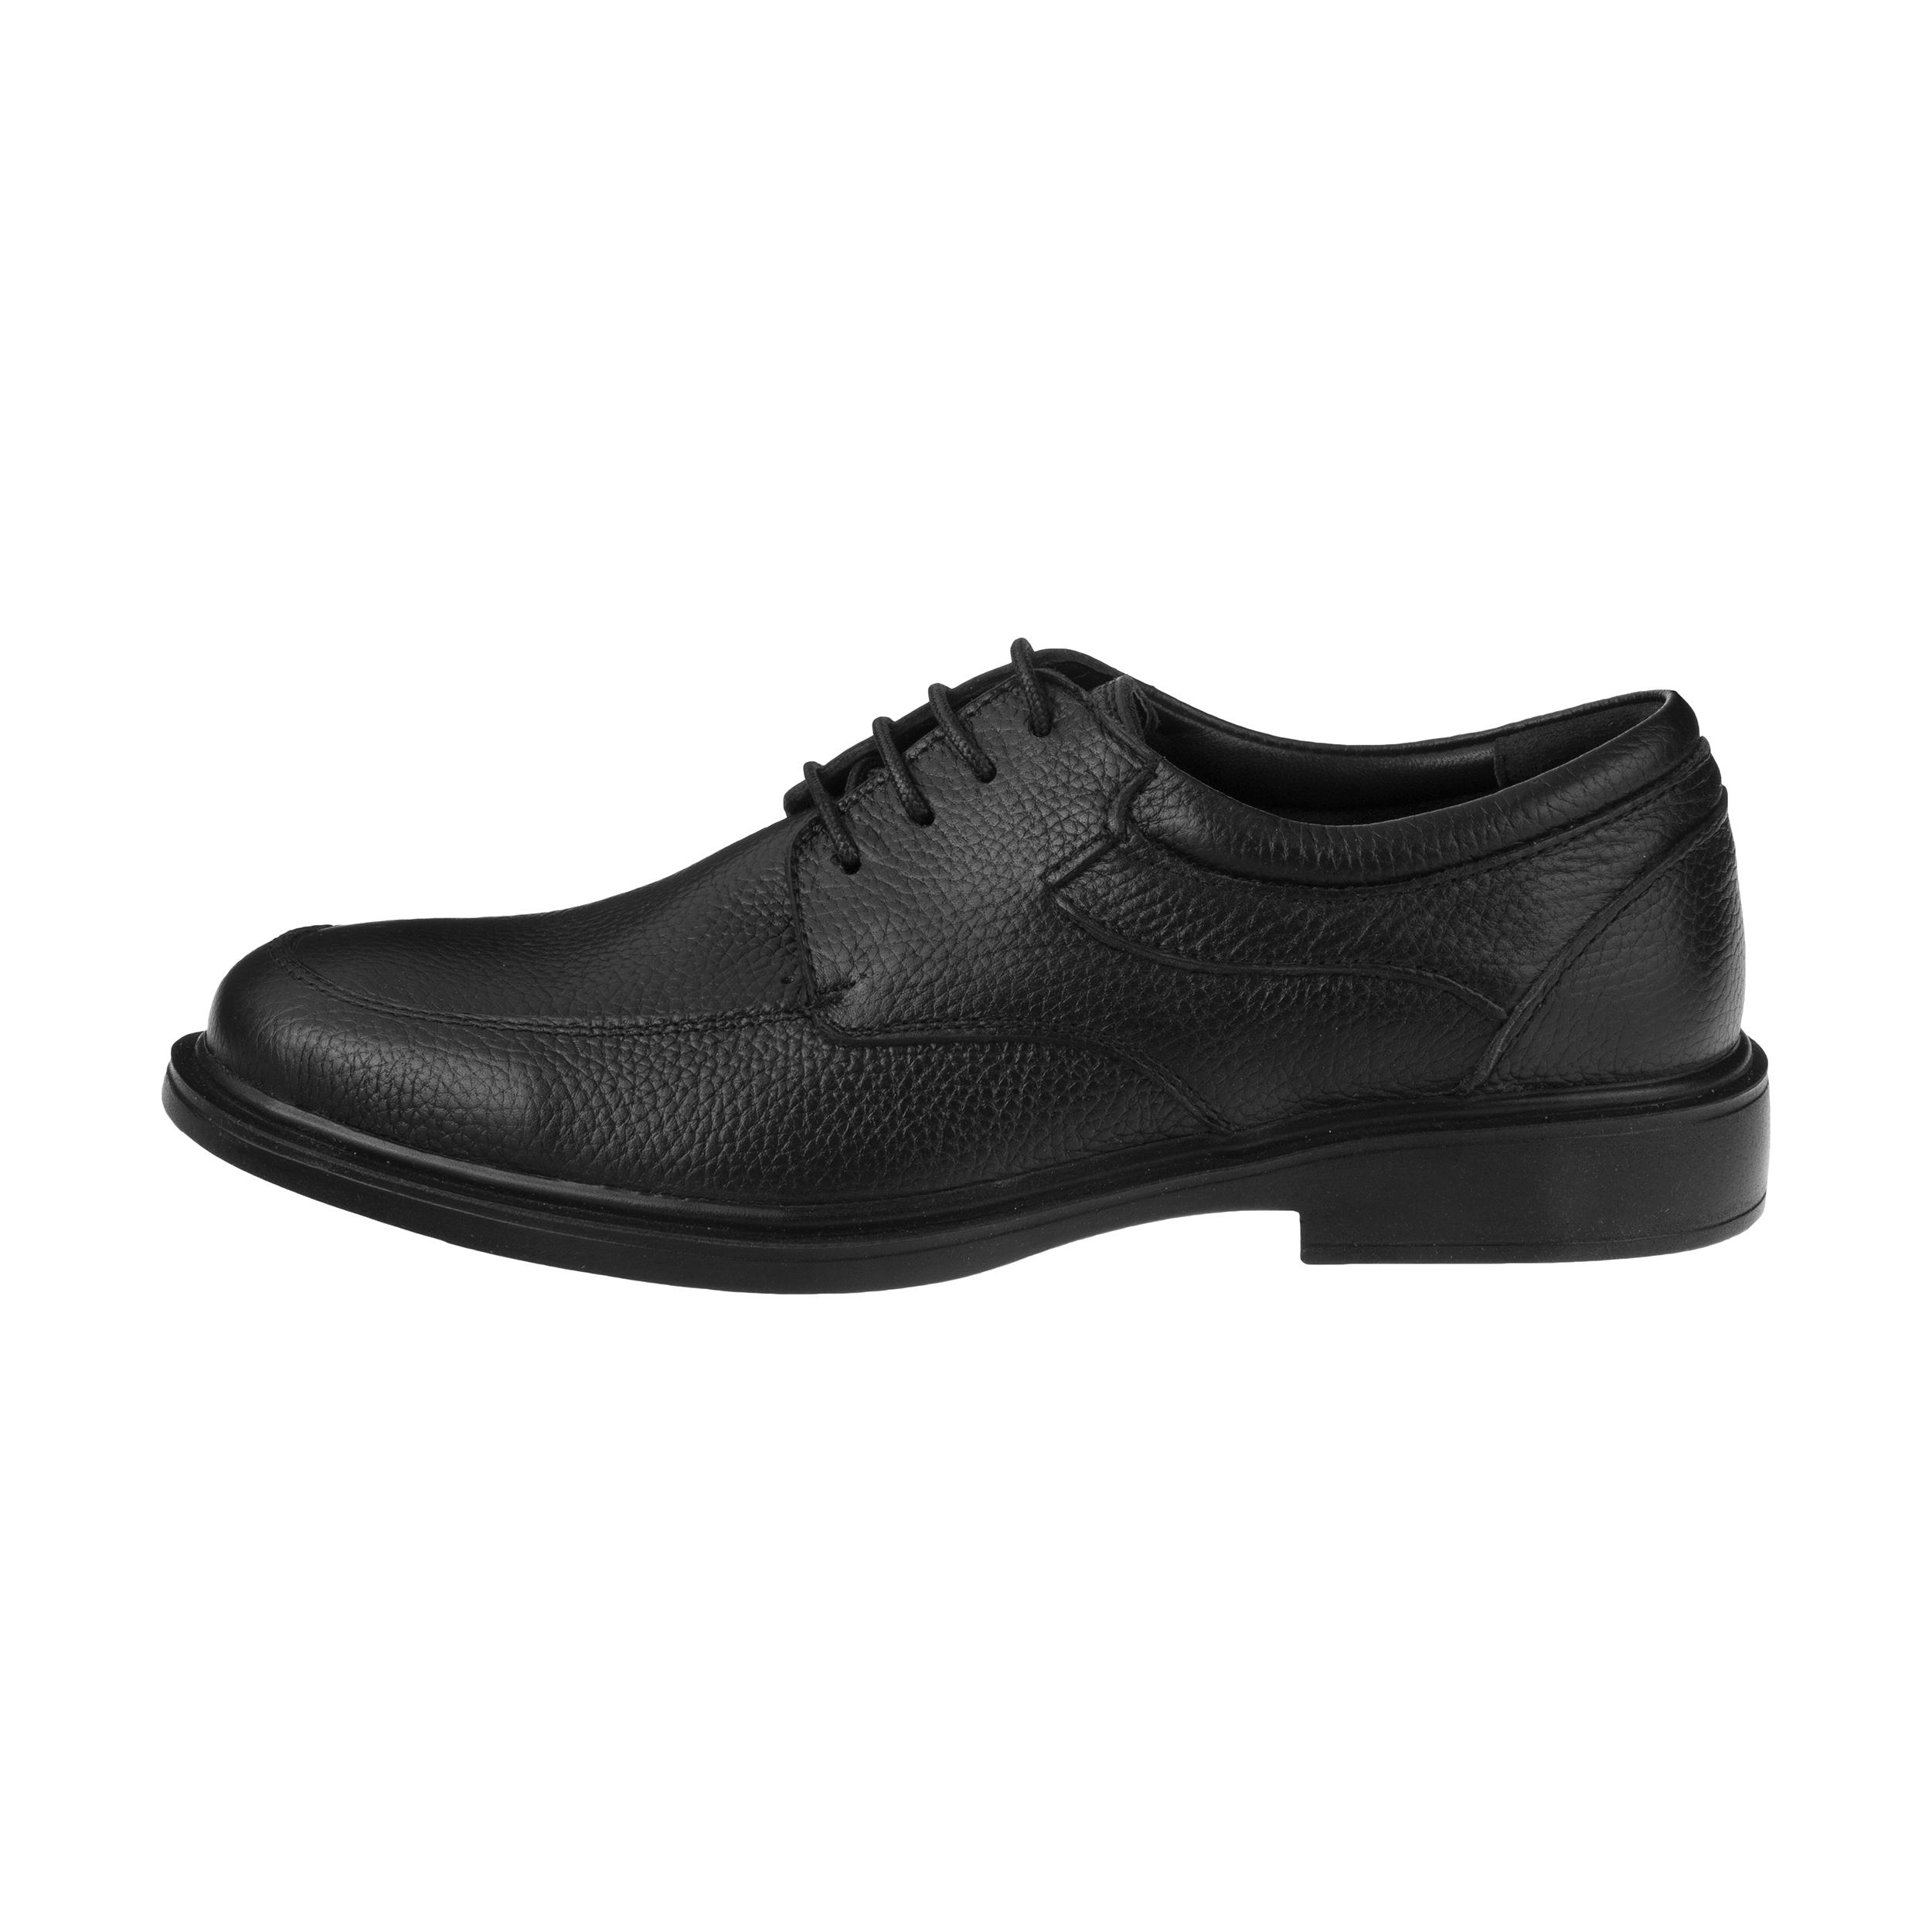 کفش مردانه بلوط مدل 7269B503101